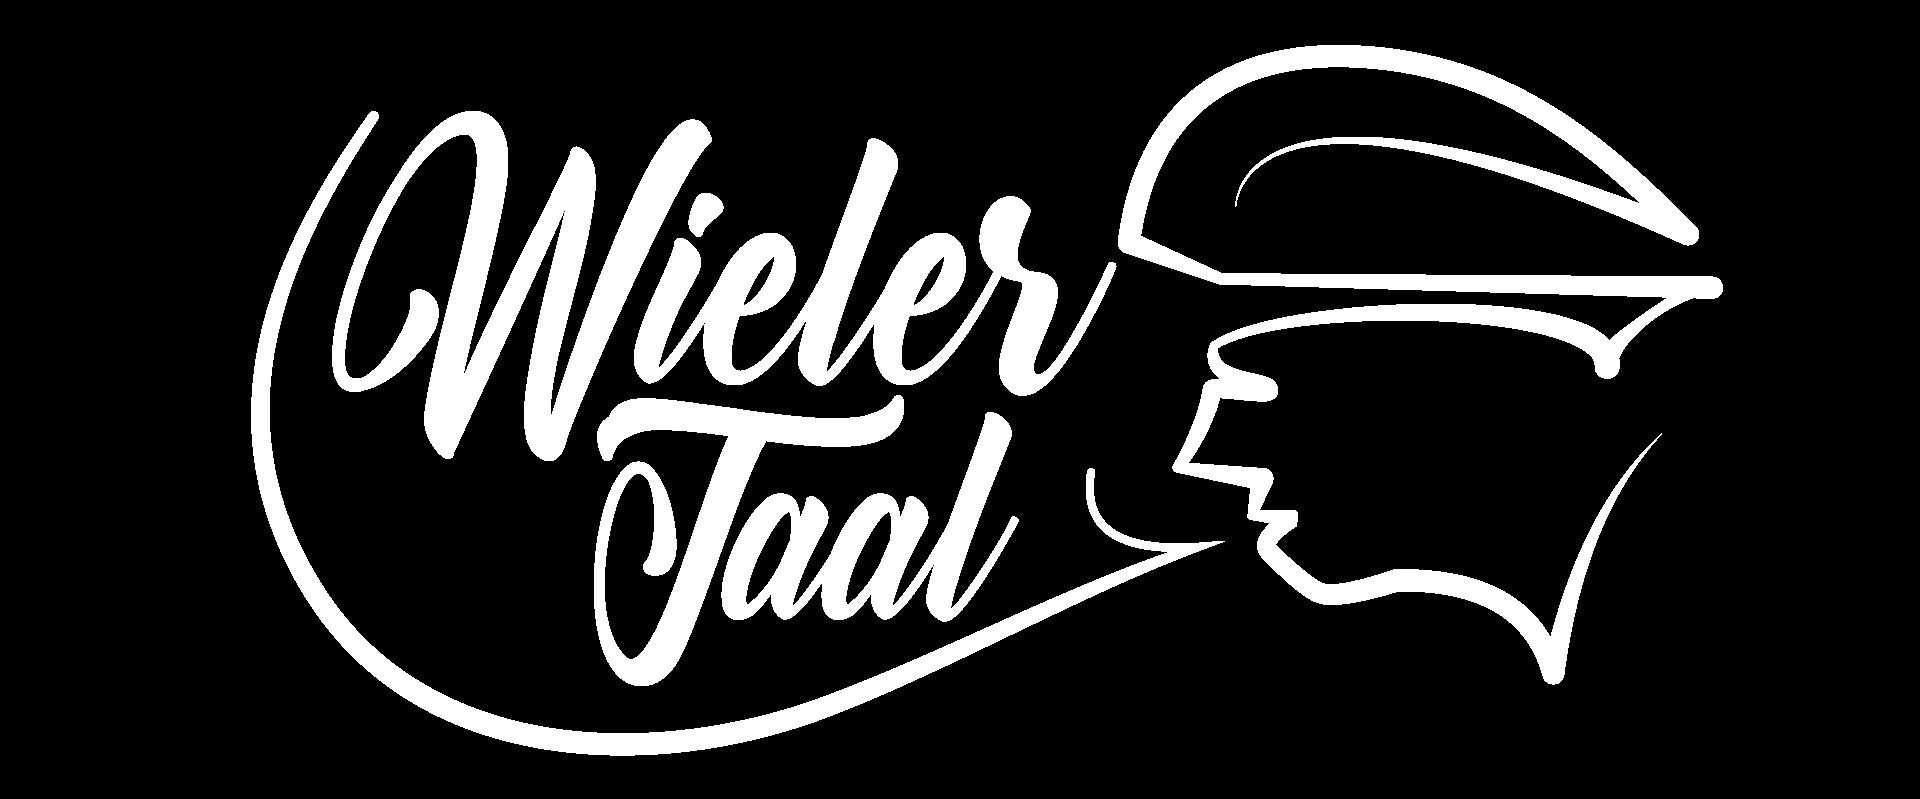 Wielertaal